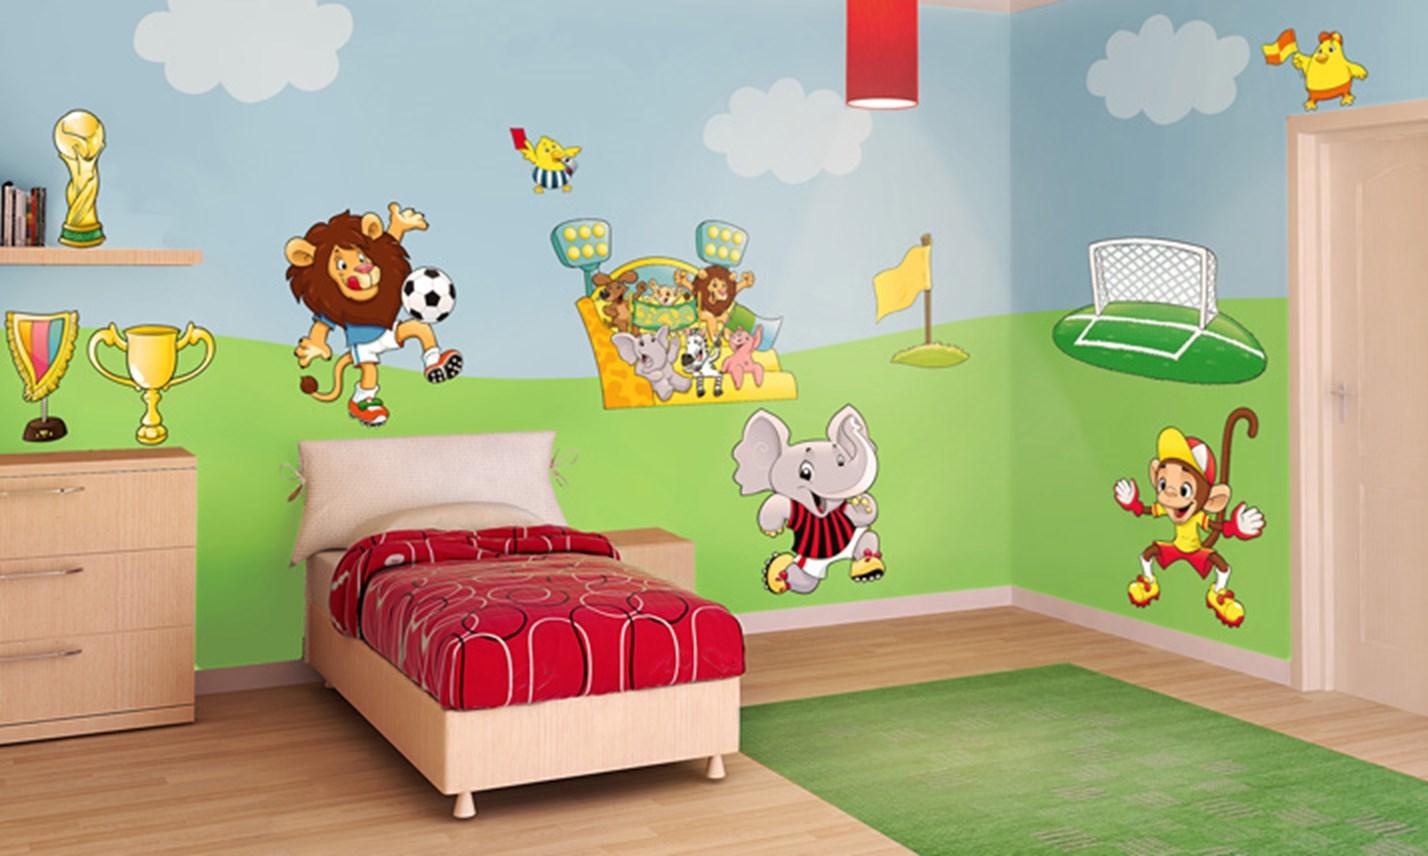 Stickers murali bambini cameretta la squadra del cuore - Stickers cameretta bambino ...